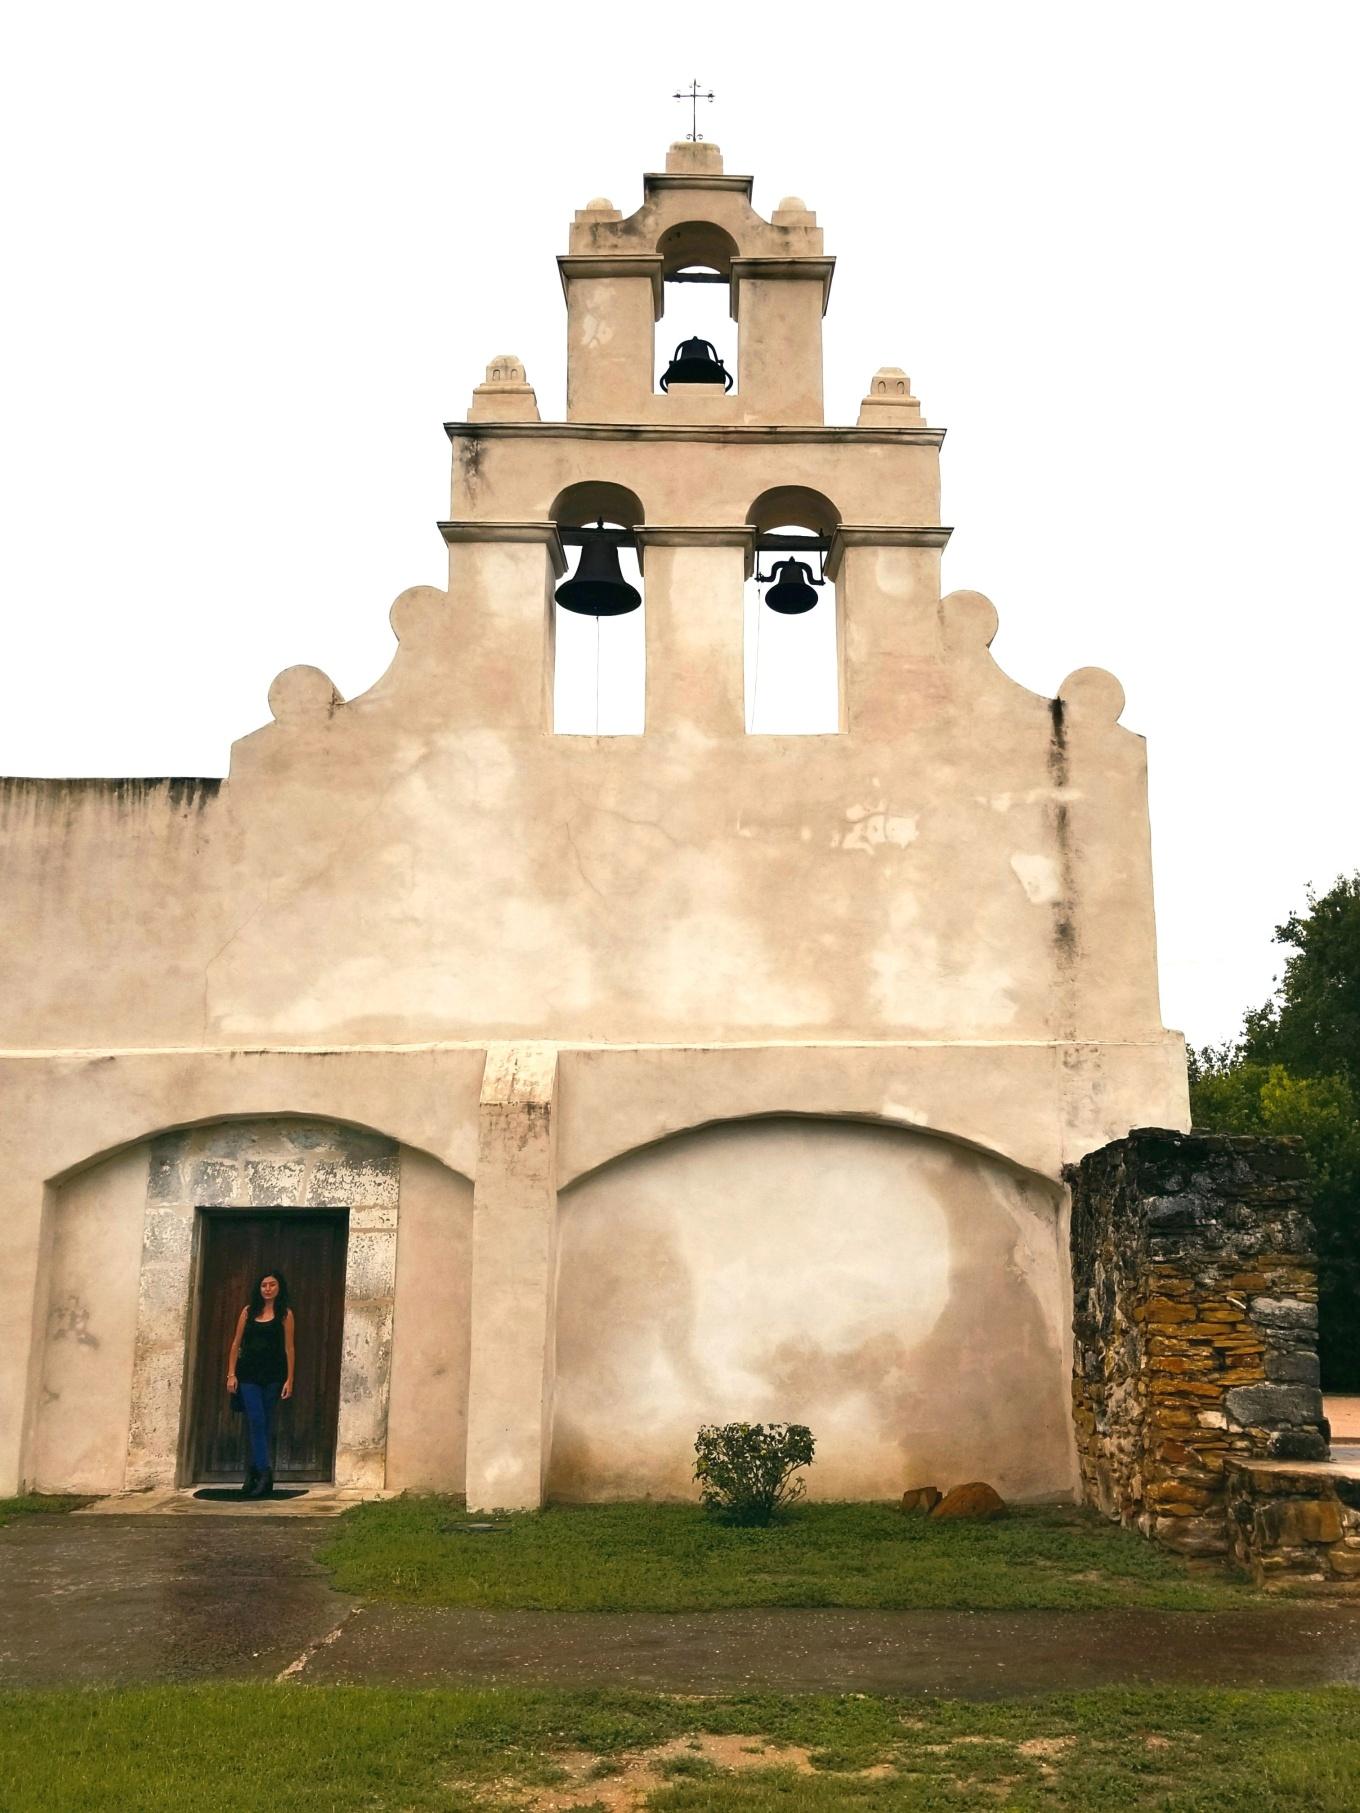 Mission San Juan Capistrano in San Antonio